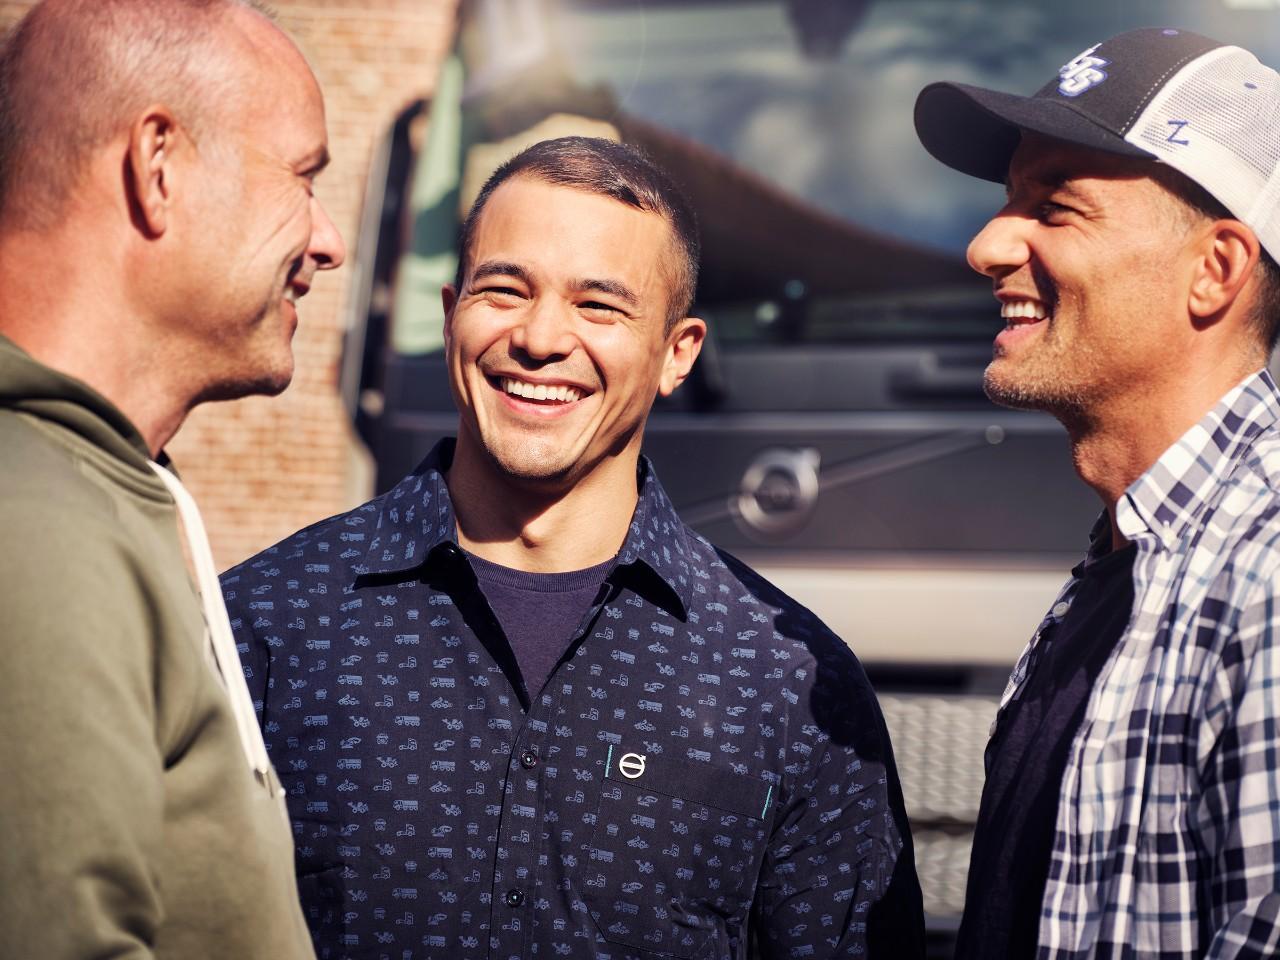 Un primer plano de tres hombres sonriendo delante de un camión Volvo